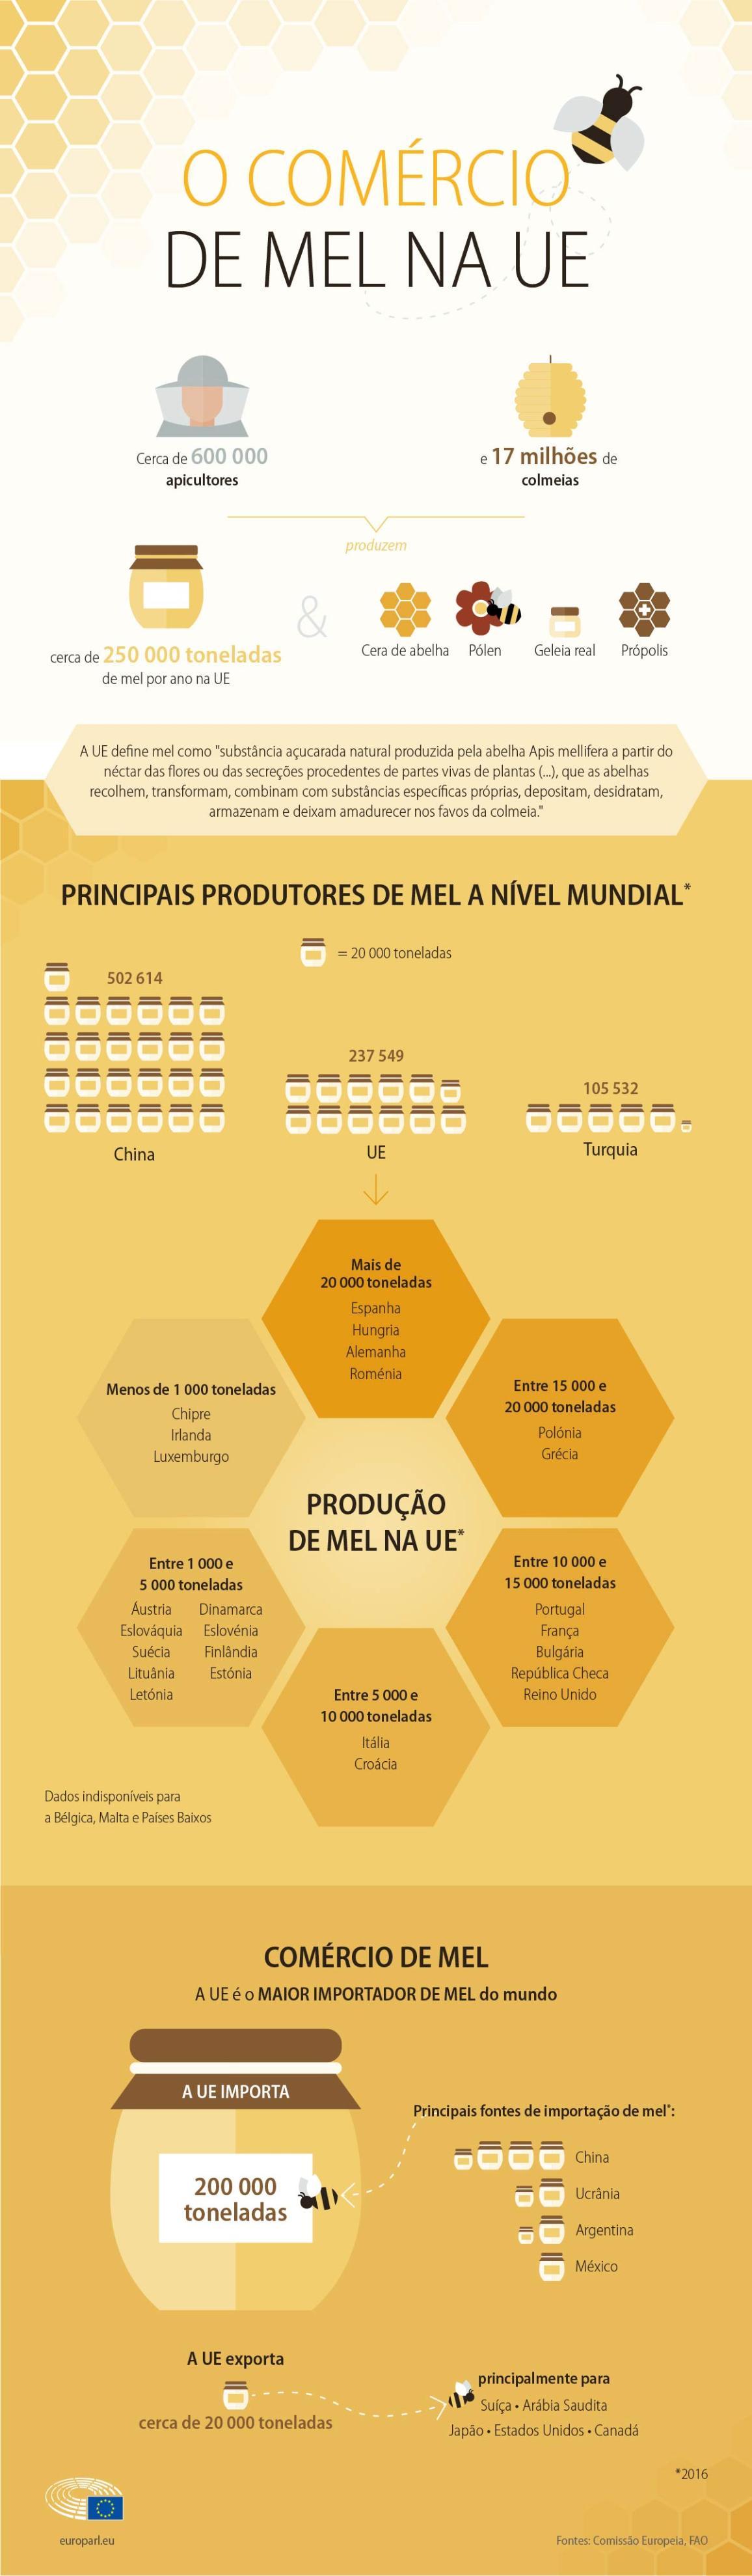 Infografia sobre o mercado do mel na UE